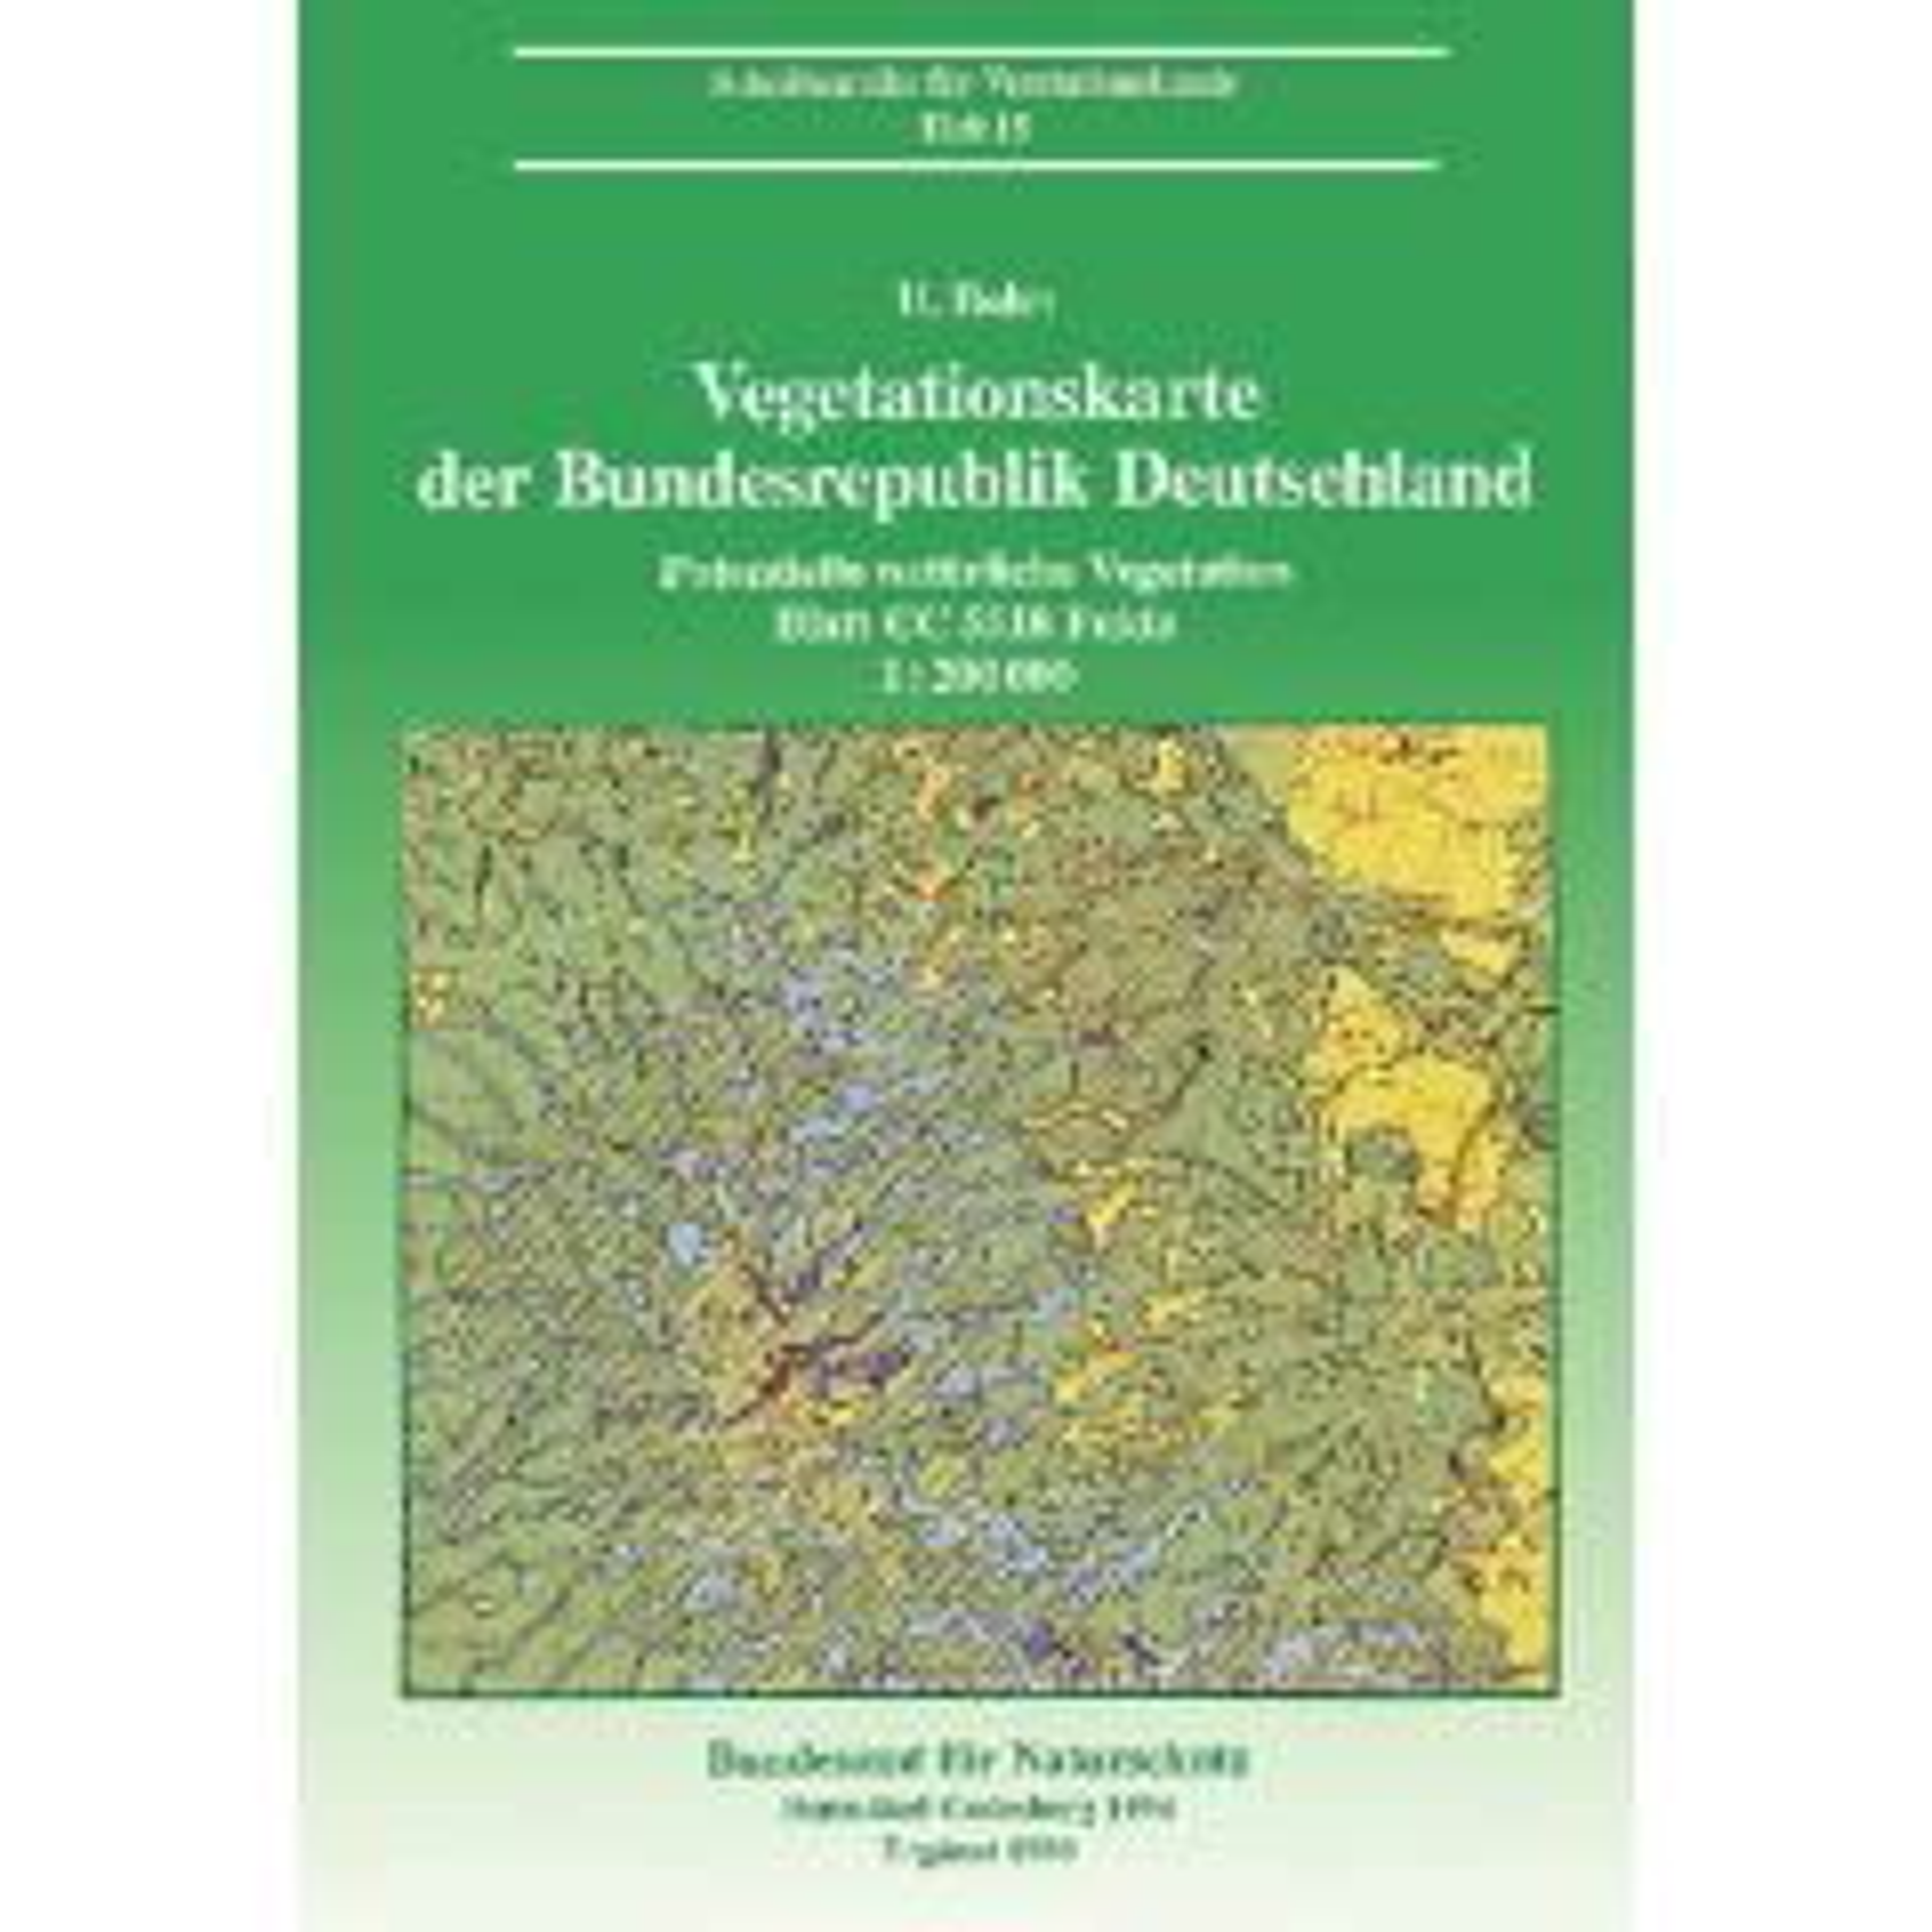 Ve Heft 15: Vegetationskarte der Bundesrepublik Deutschland 1 : 200000 - Potentielle natürliche Vegetation - Blatt CC 5518 Fulda.